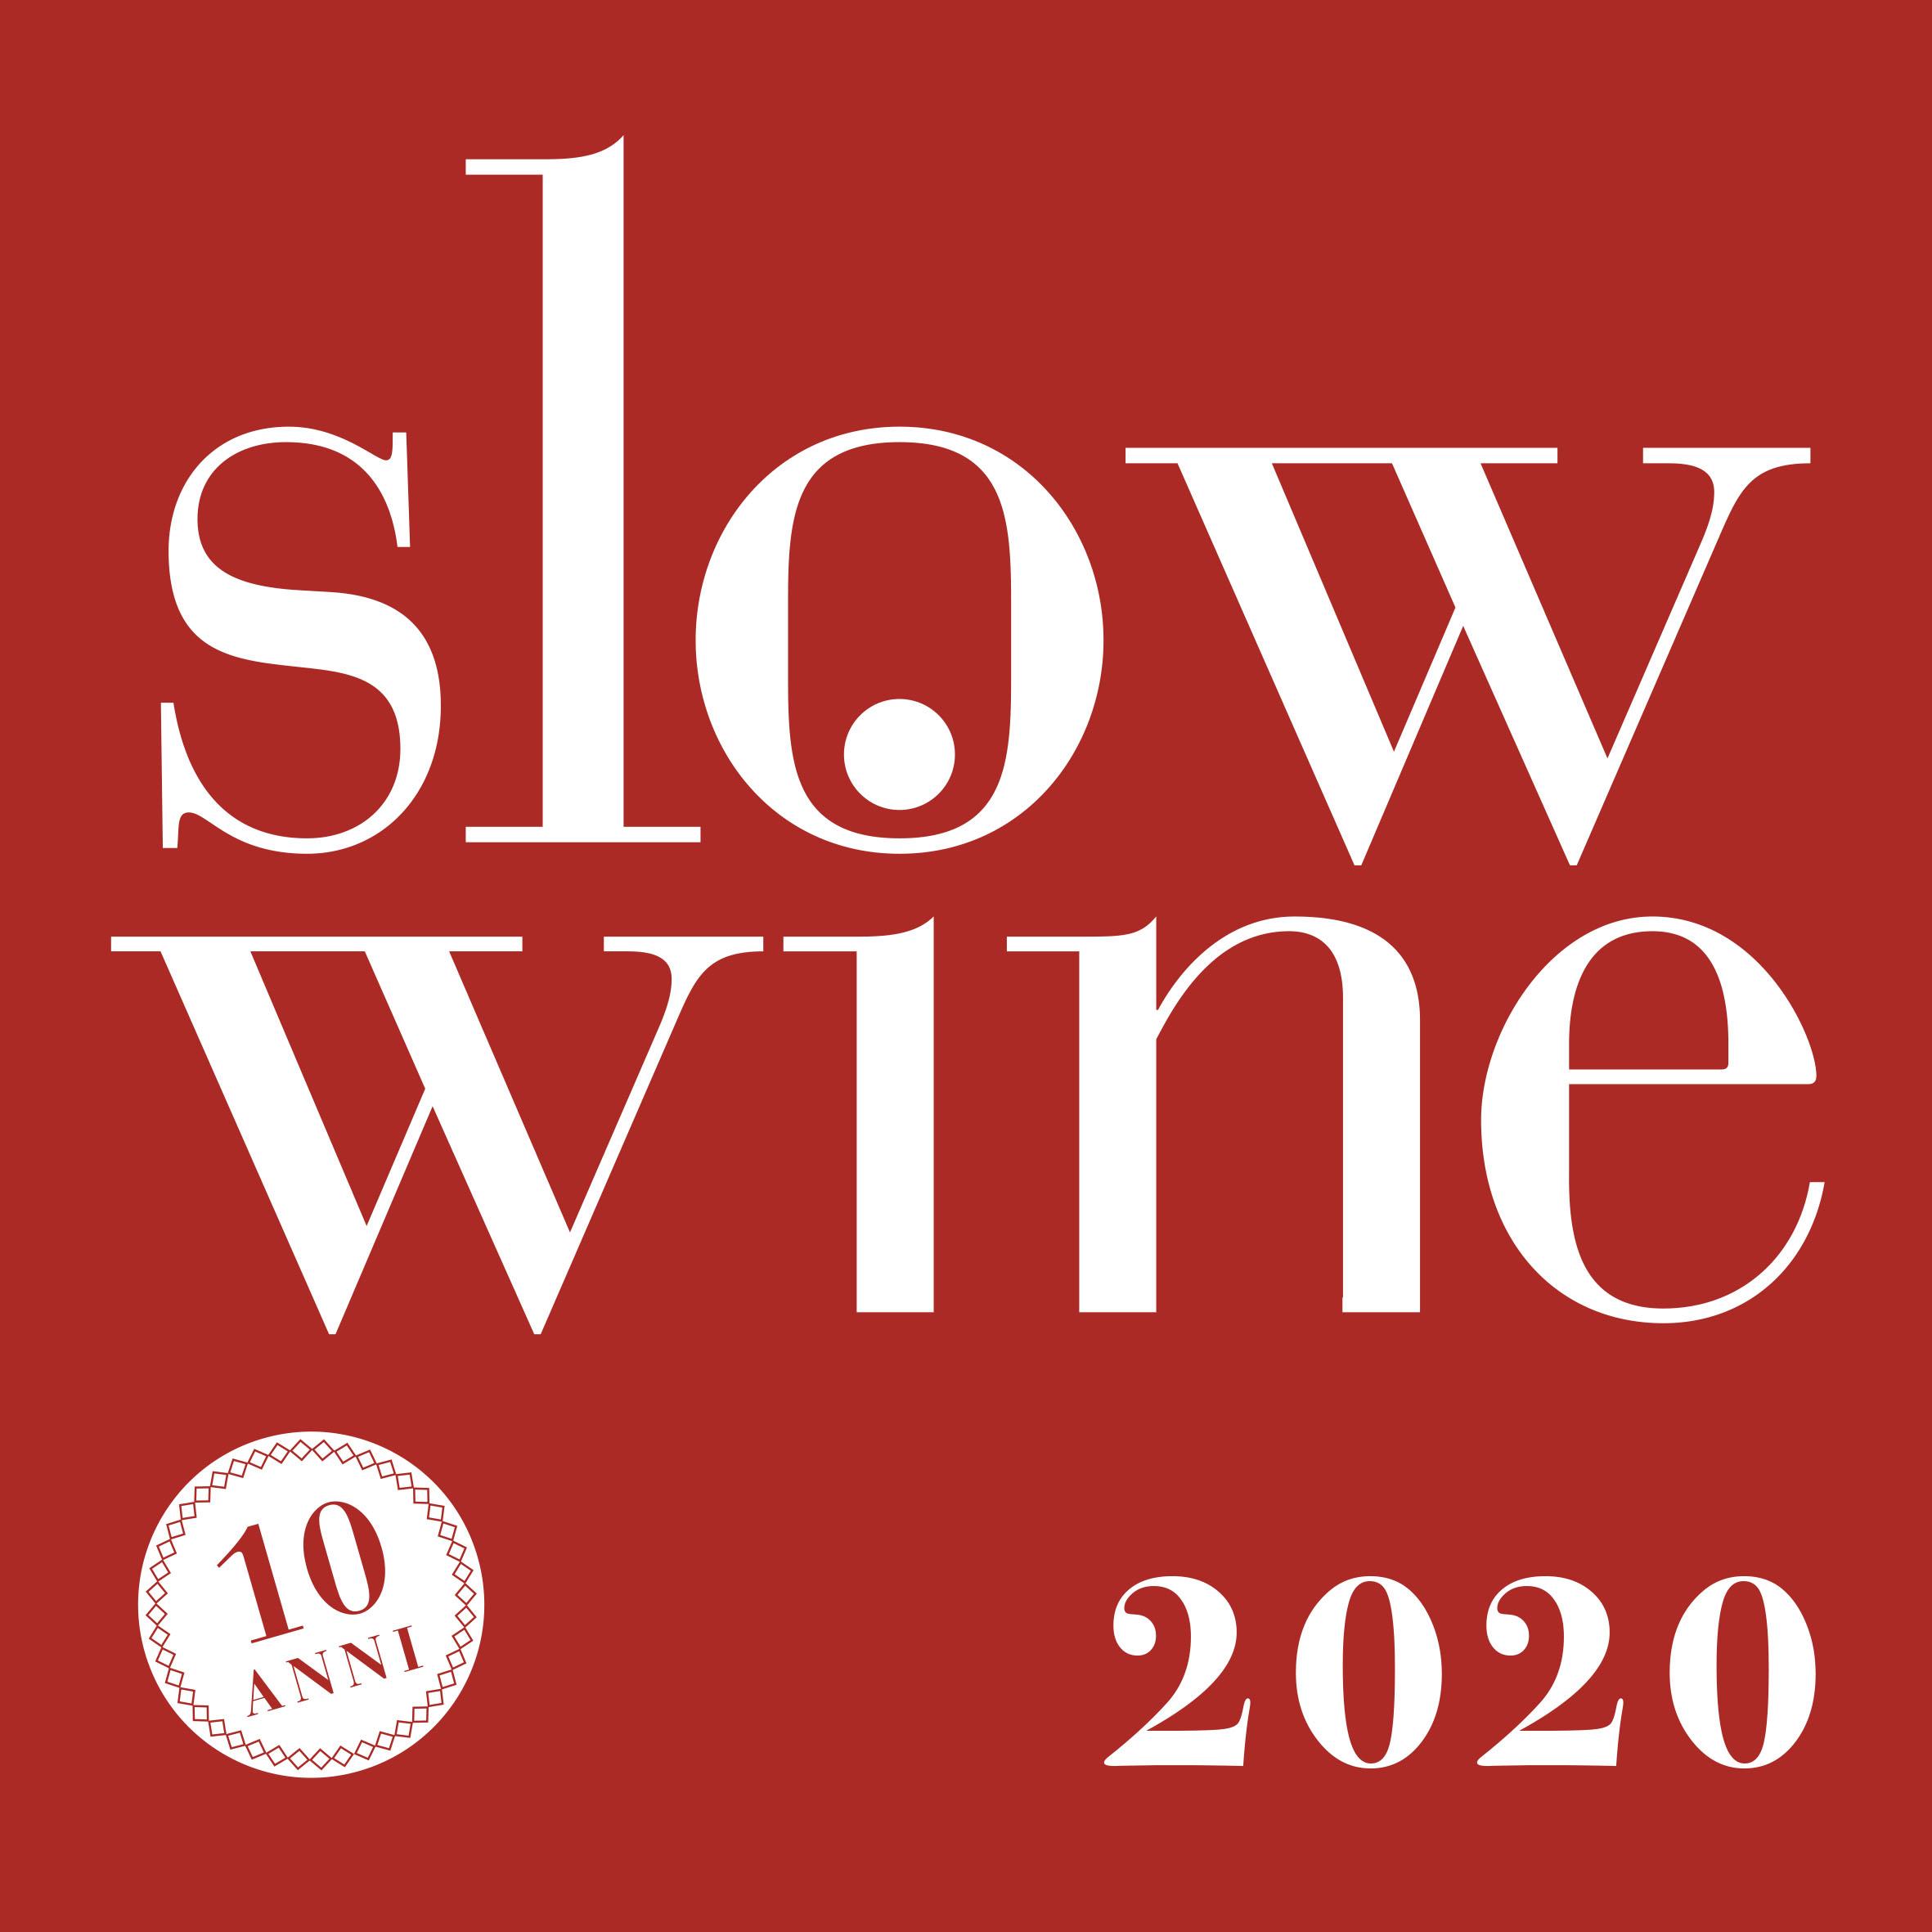 Risultato immagini per slow wine 2020